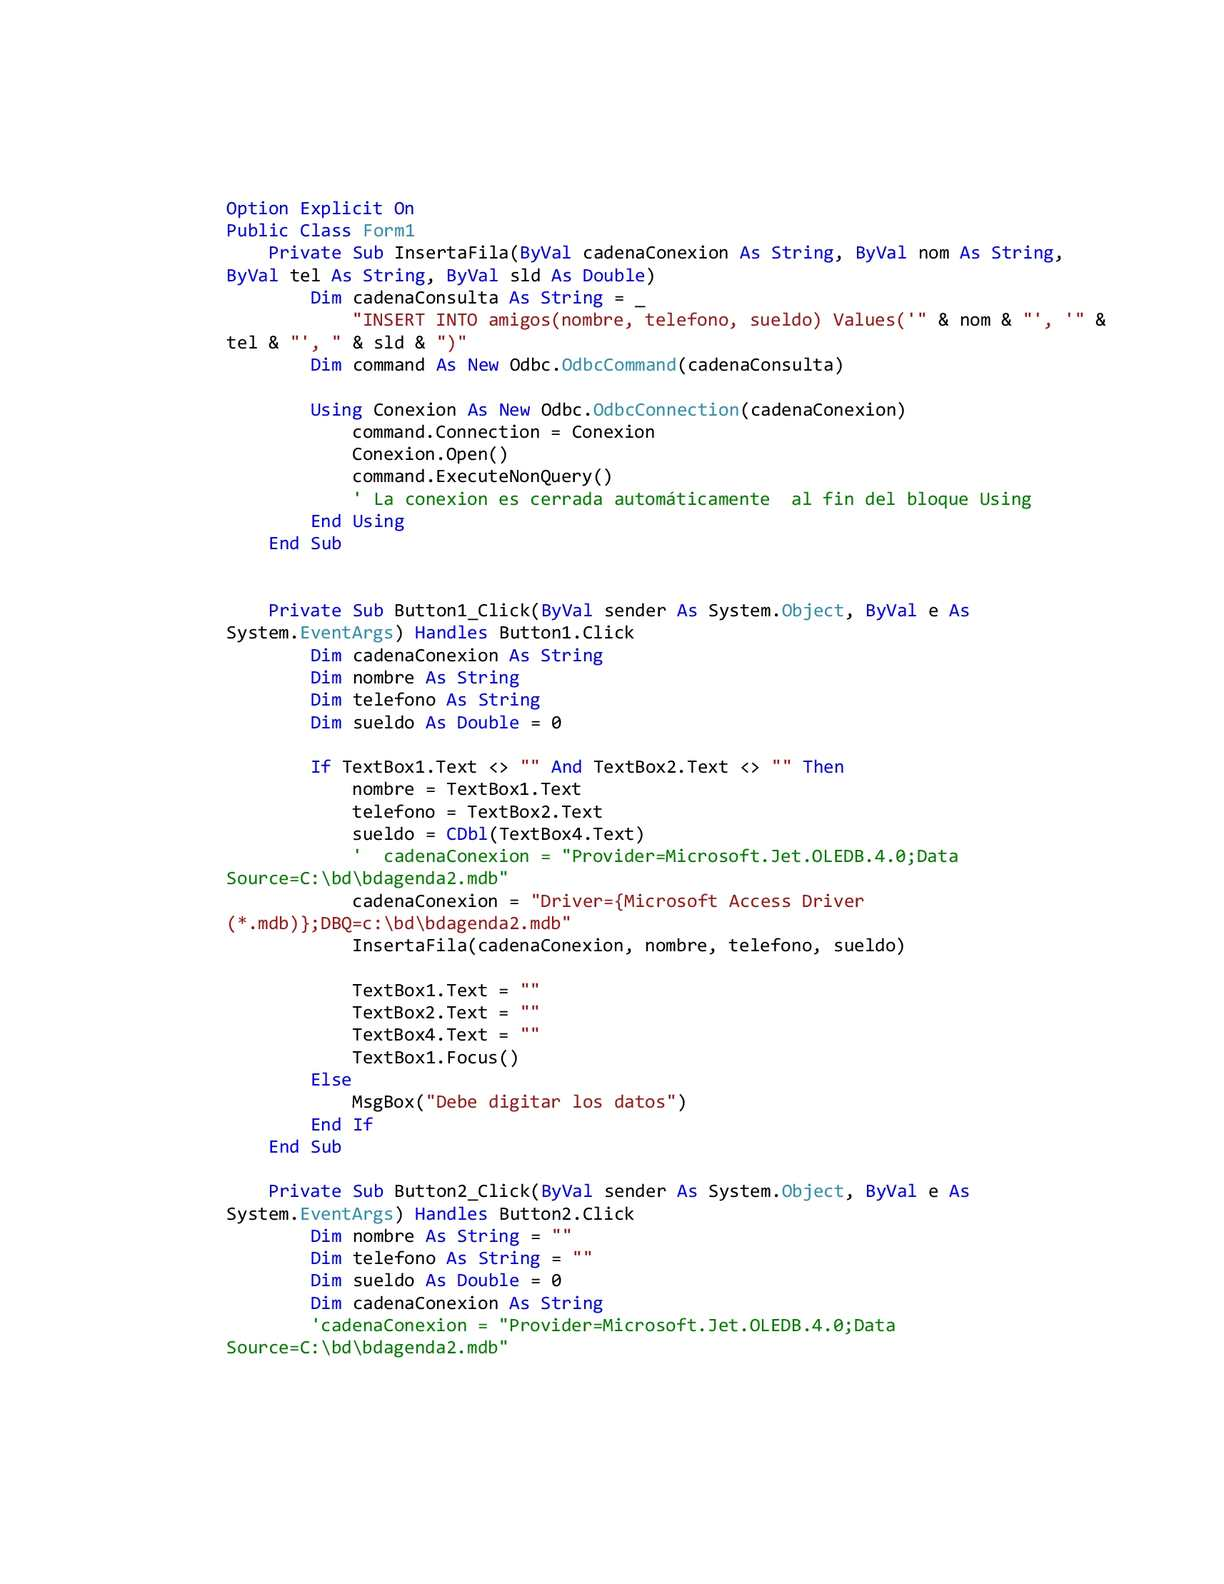 MANUAL VISUAL BASIC 2010 - CALAMEO Downloader